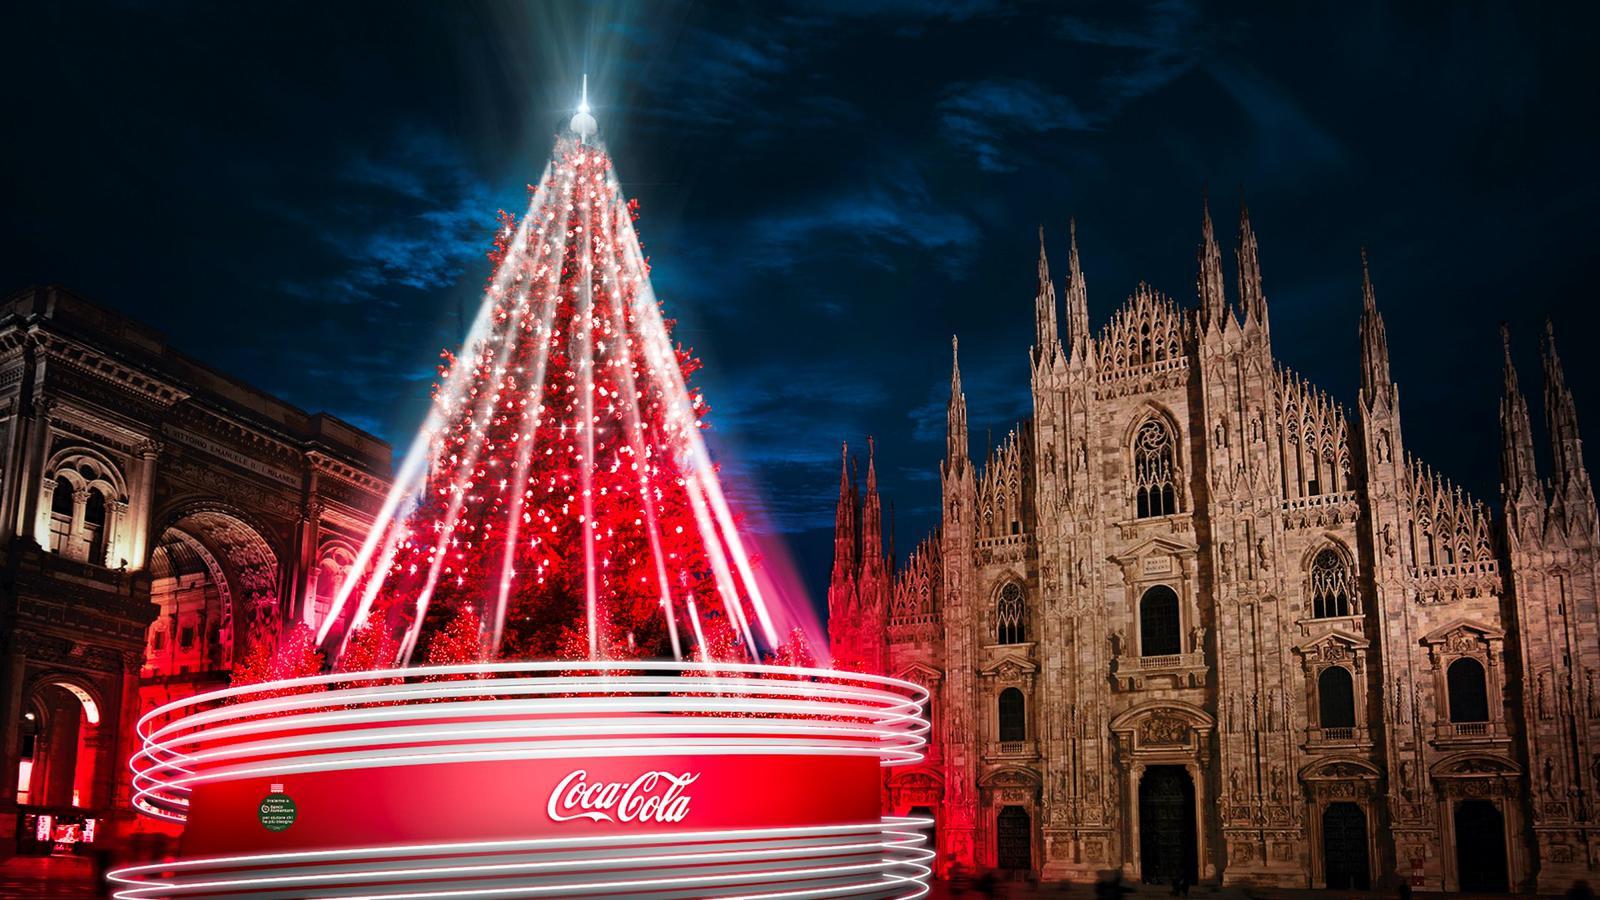 L'Albero di Natale di piazza Duomo è firmato Coca-Cola